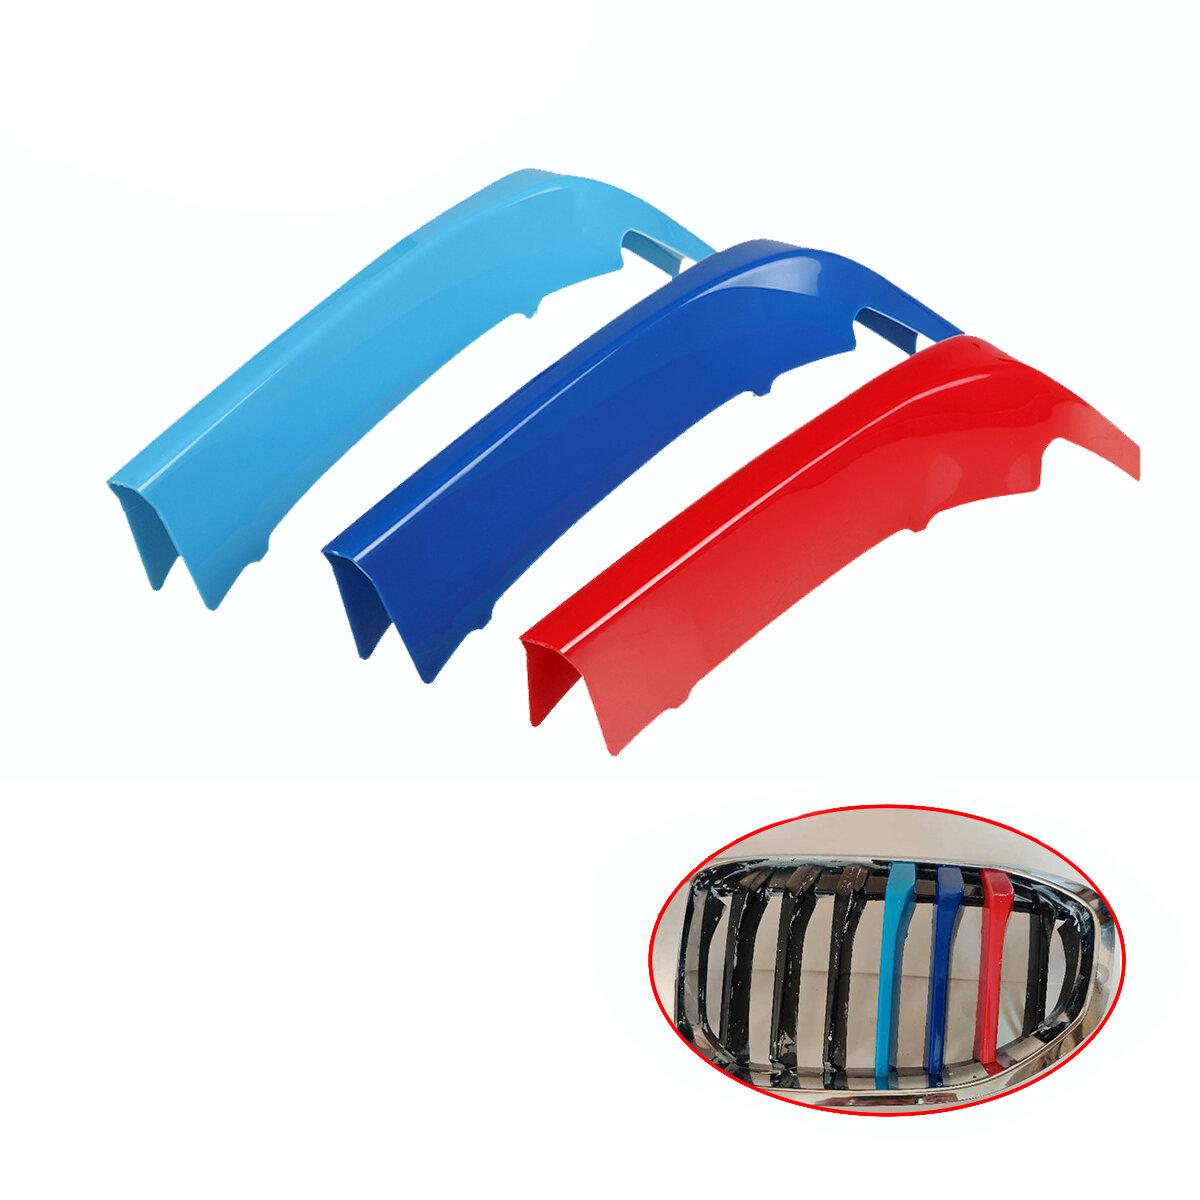 3 uds cubierta de rejilla frontal de riñón embellecedor Coche tira adhesiva de inserción de modificación para BMW 1 Seri